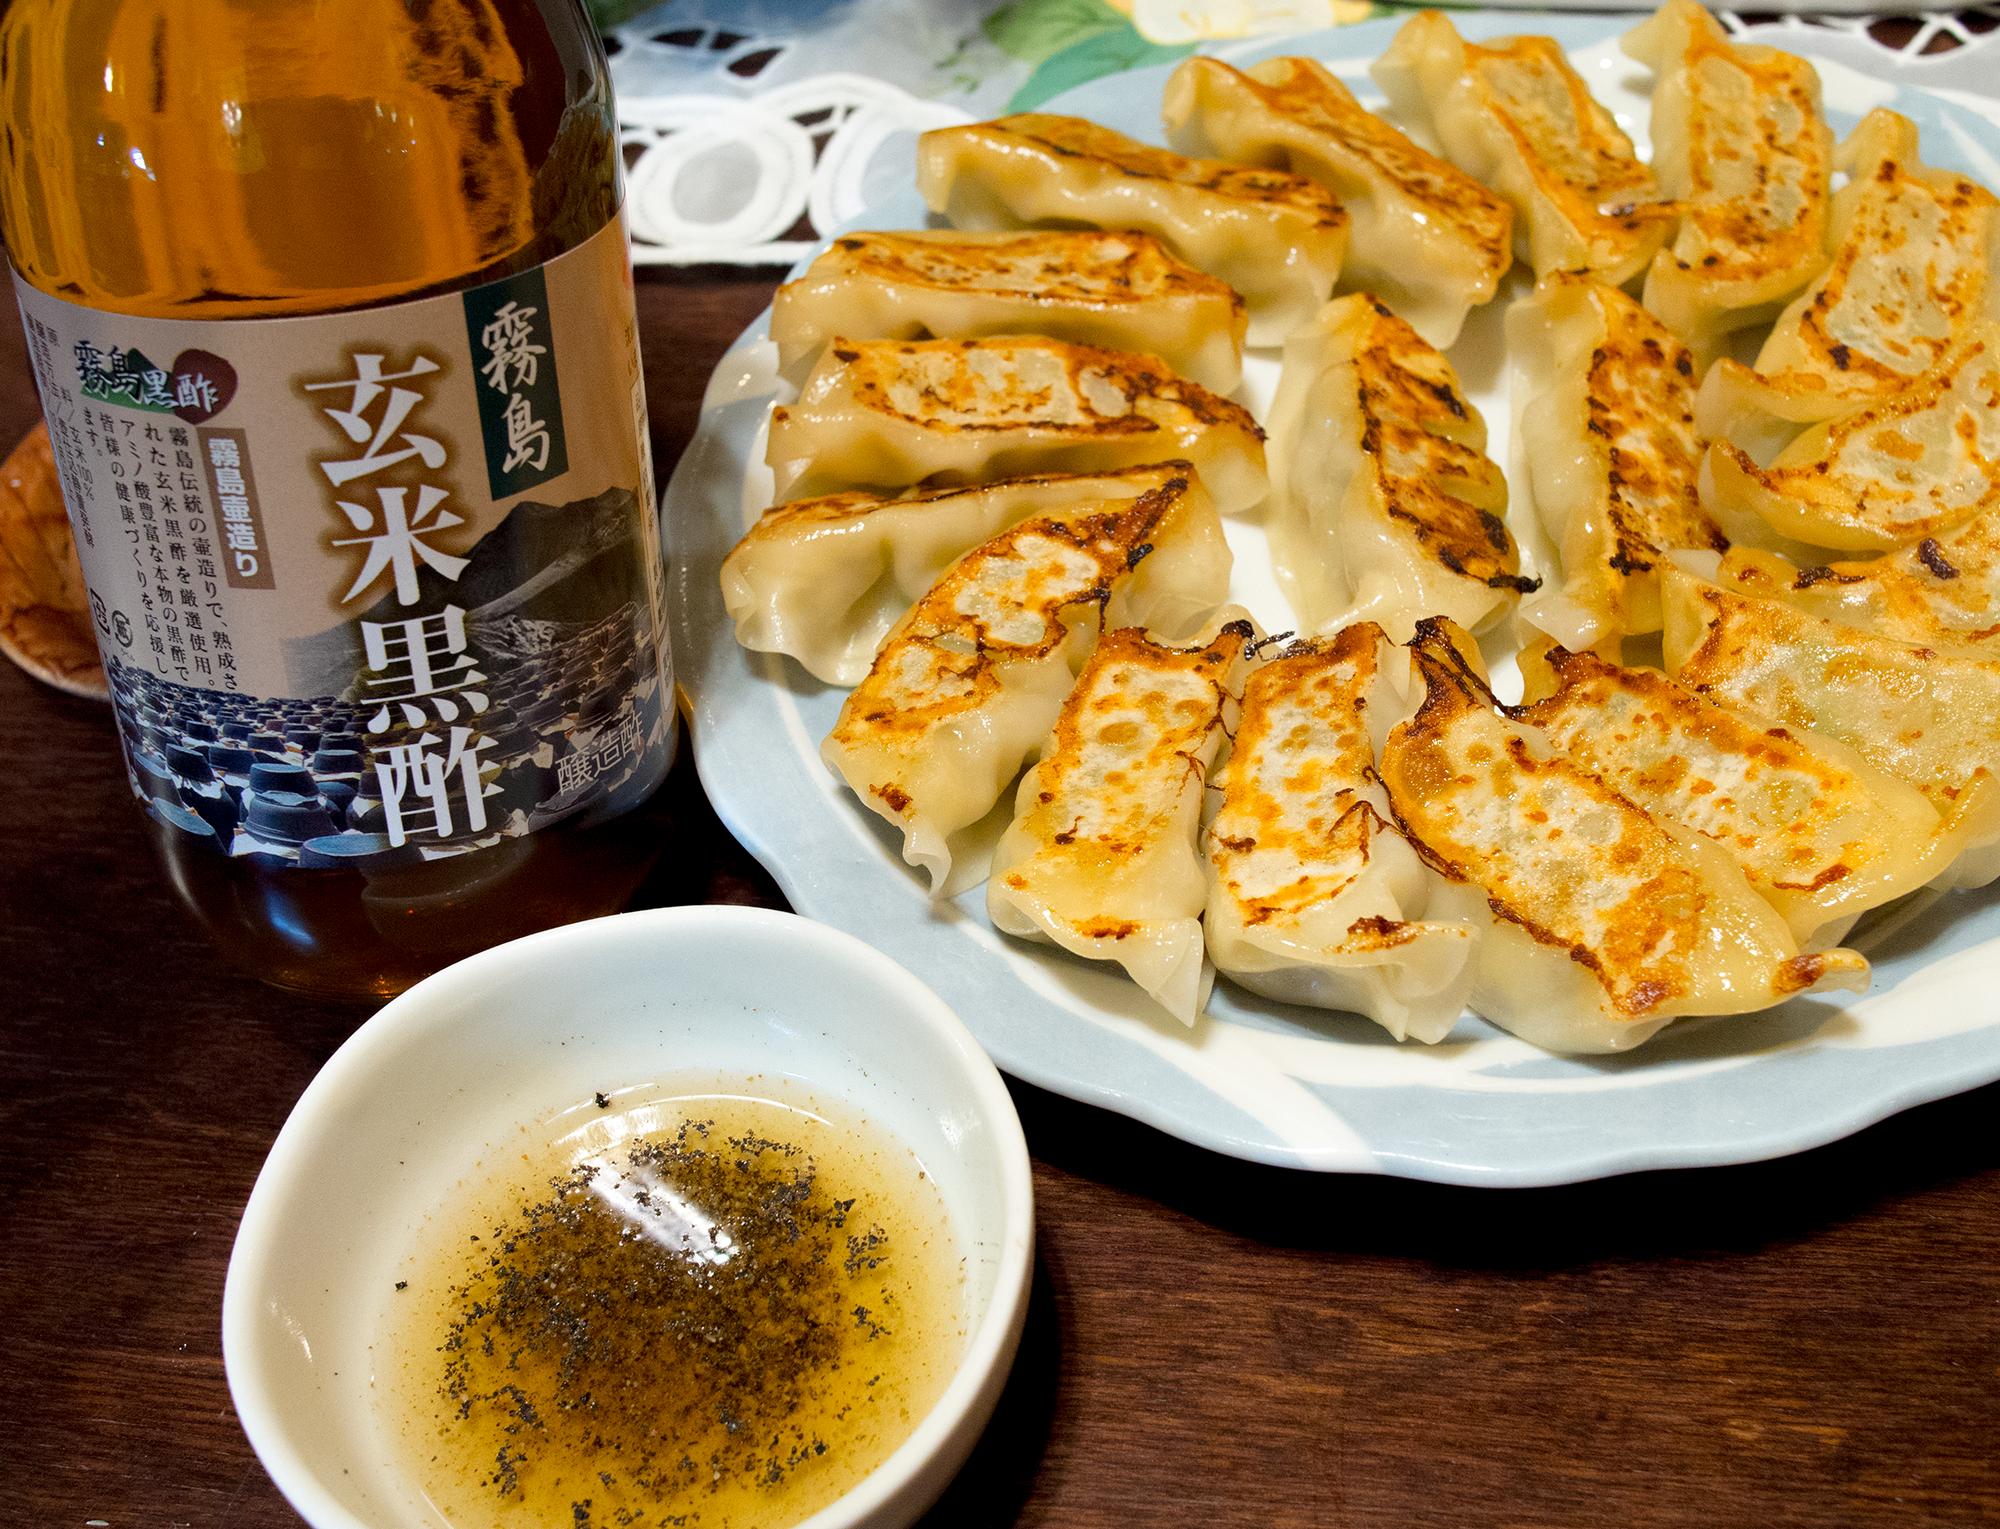 霧島黒酢と胡椒で食べる餃子は絶品です。